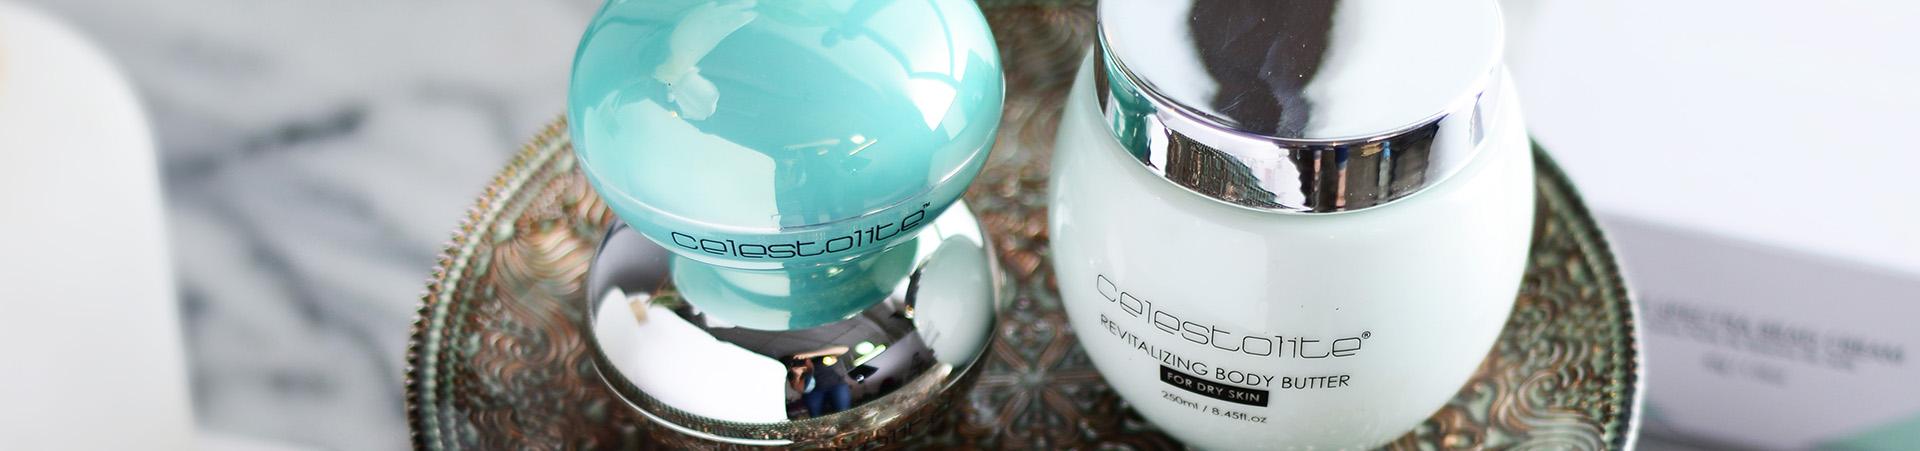 Celestolite creams